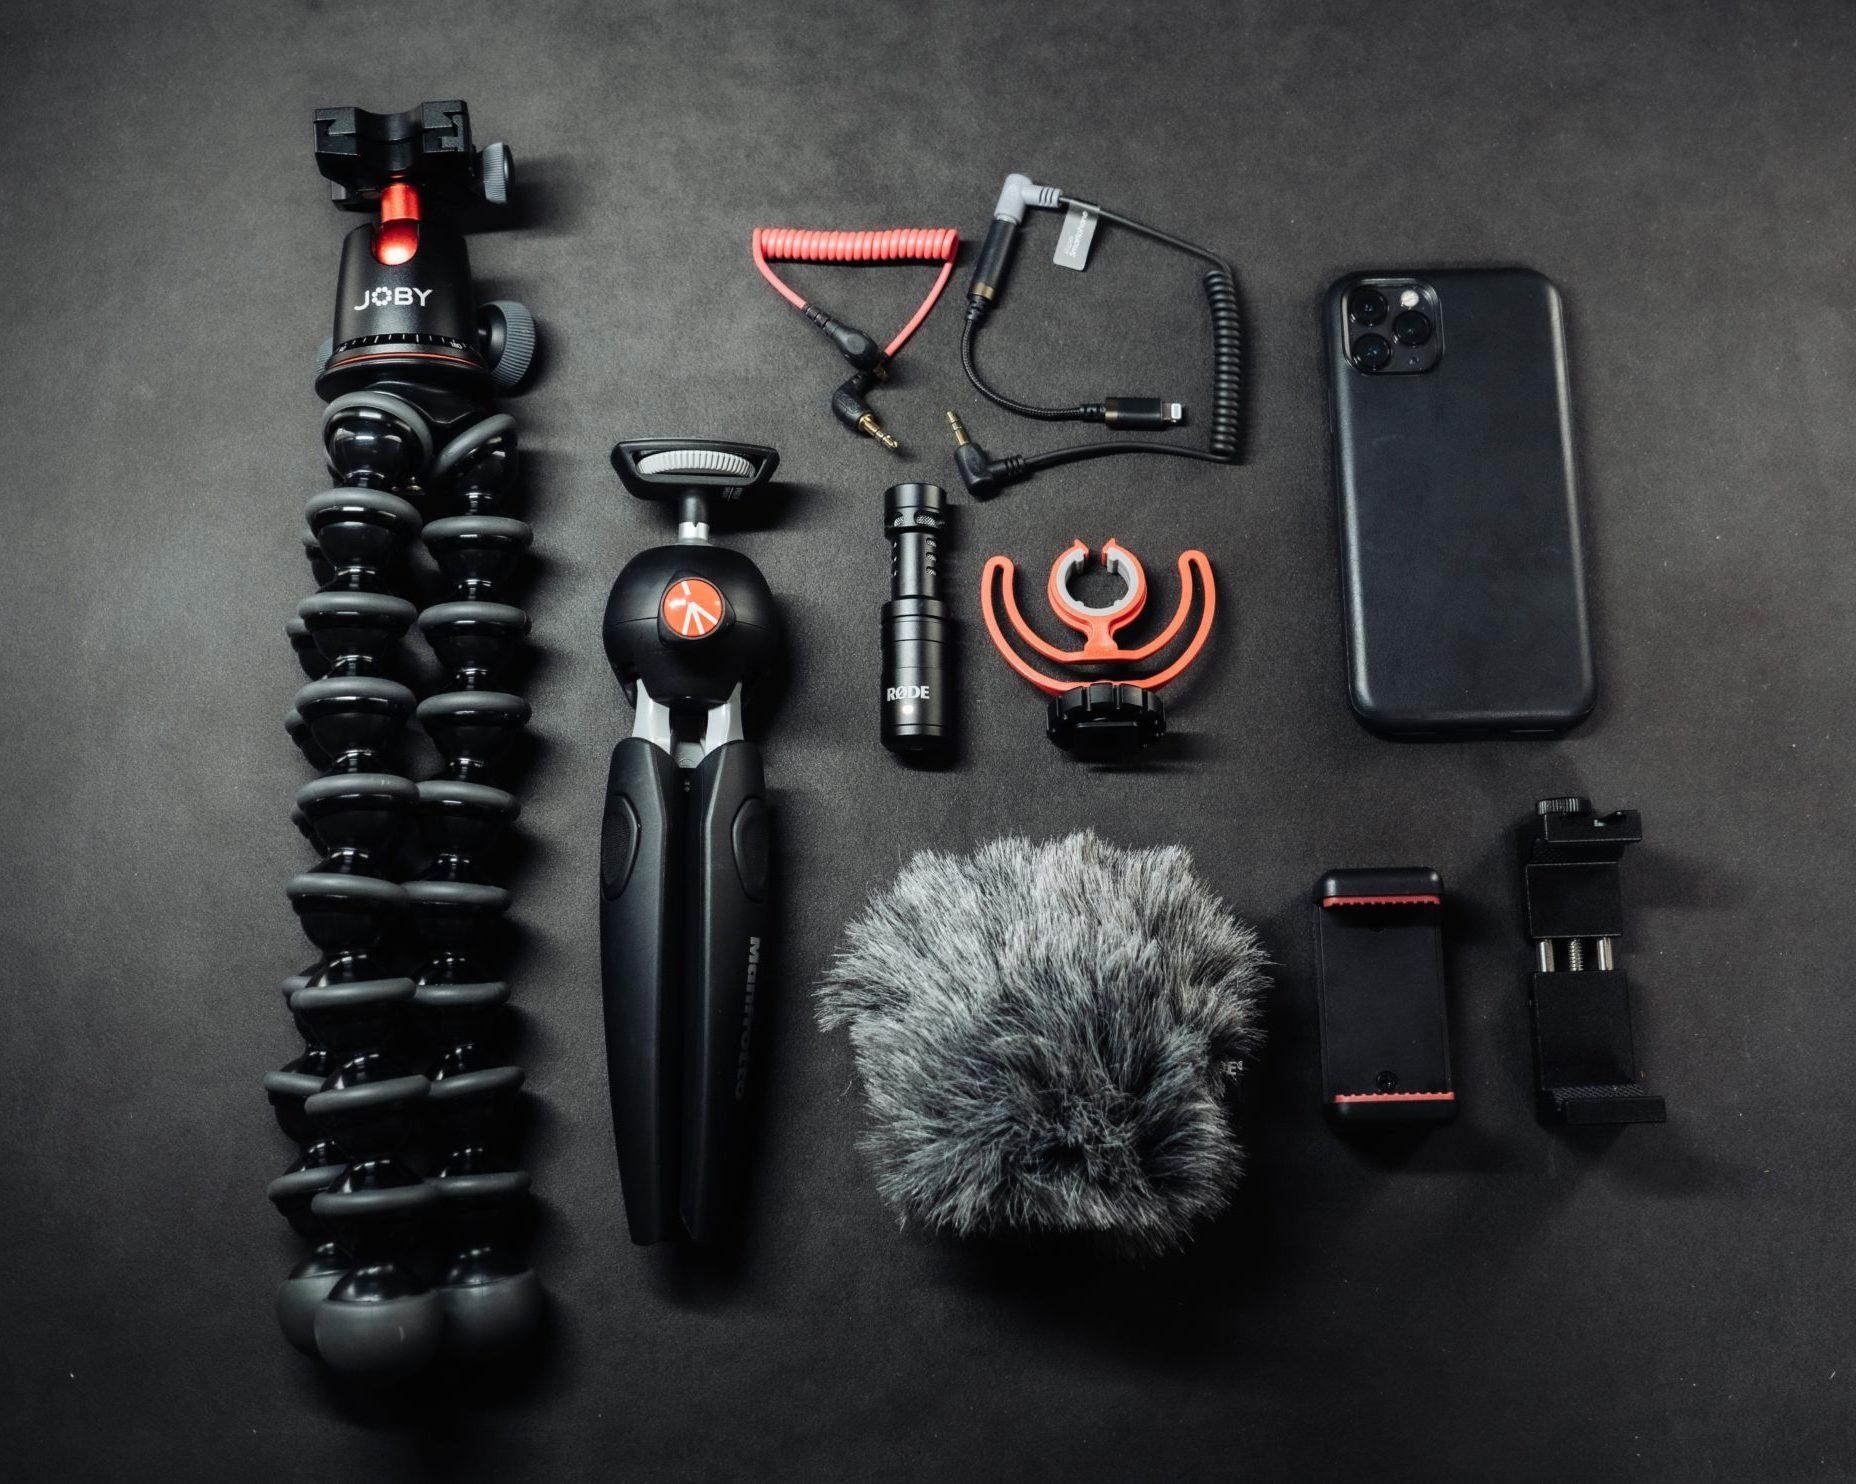 カメラ初心者の機材 周辺アイテム